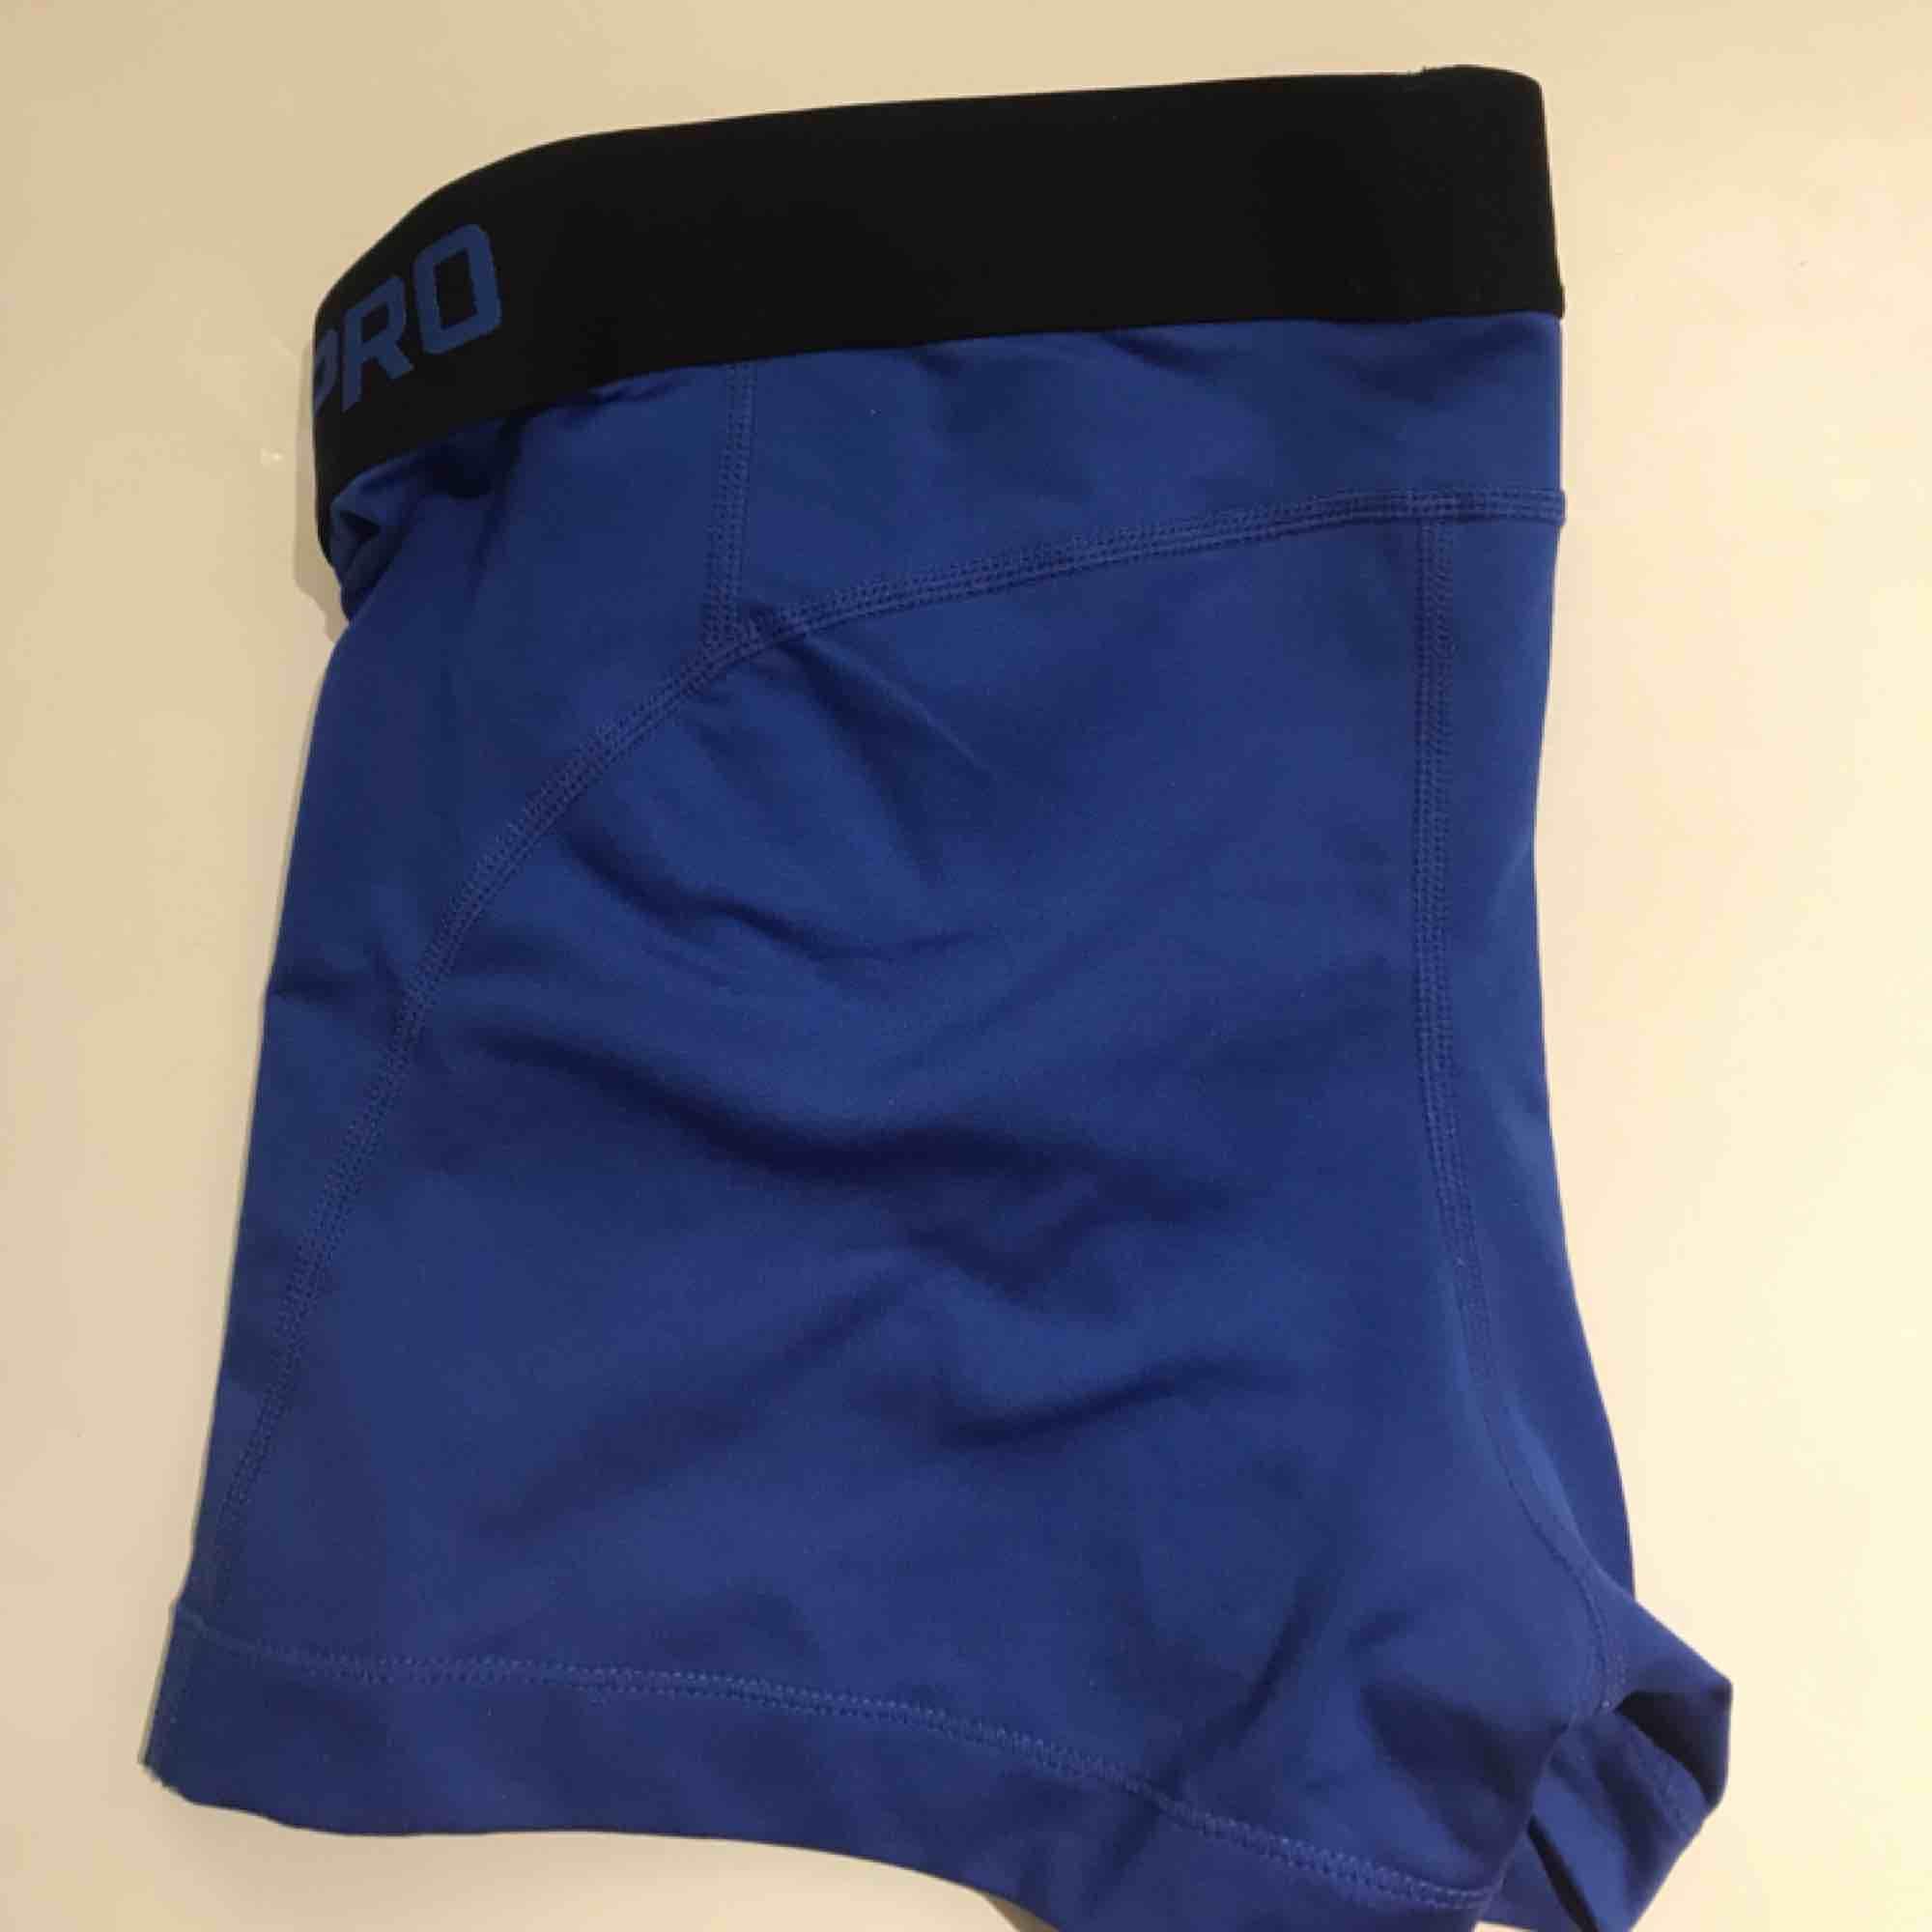 Nike PRO träningsshorts i storlek S. Bra skick då de endast används fåtal gånger. Köpta för 199.. Shorts.